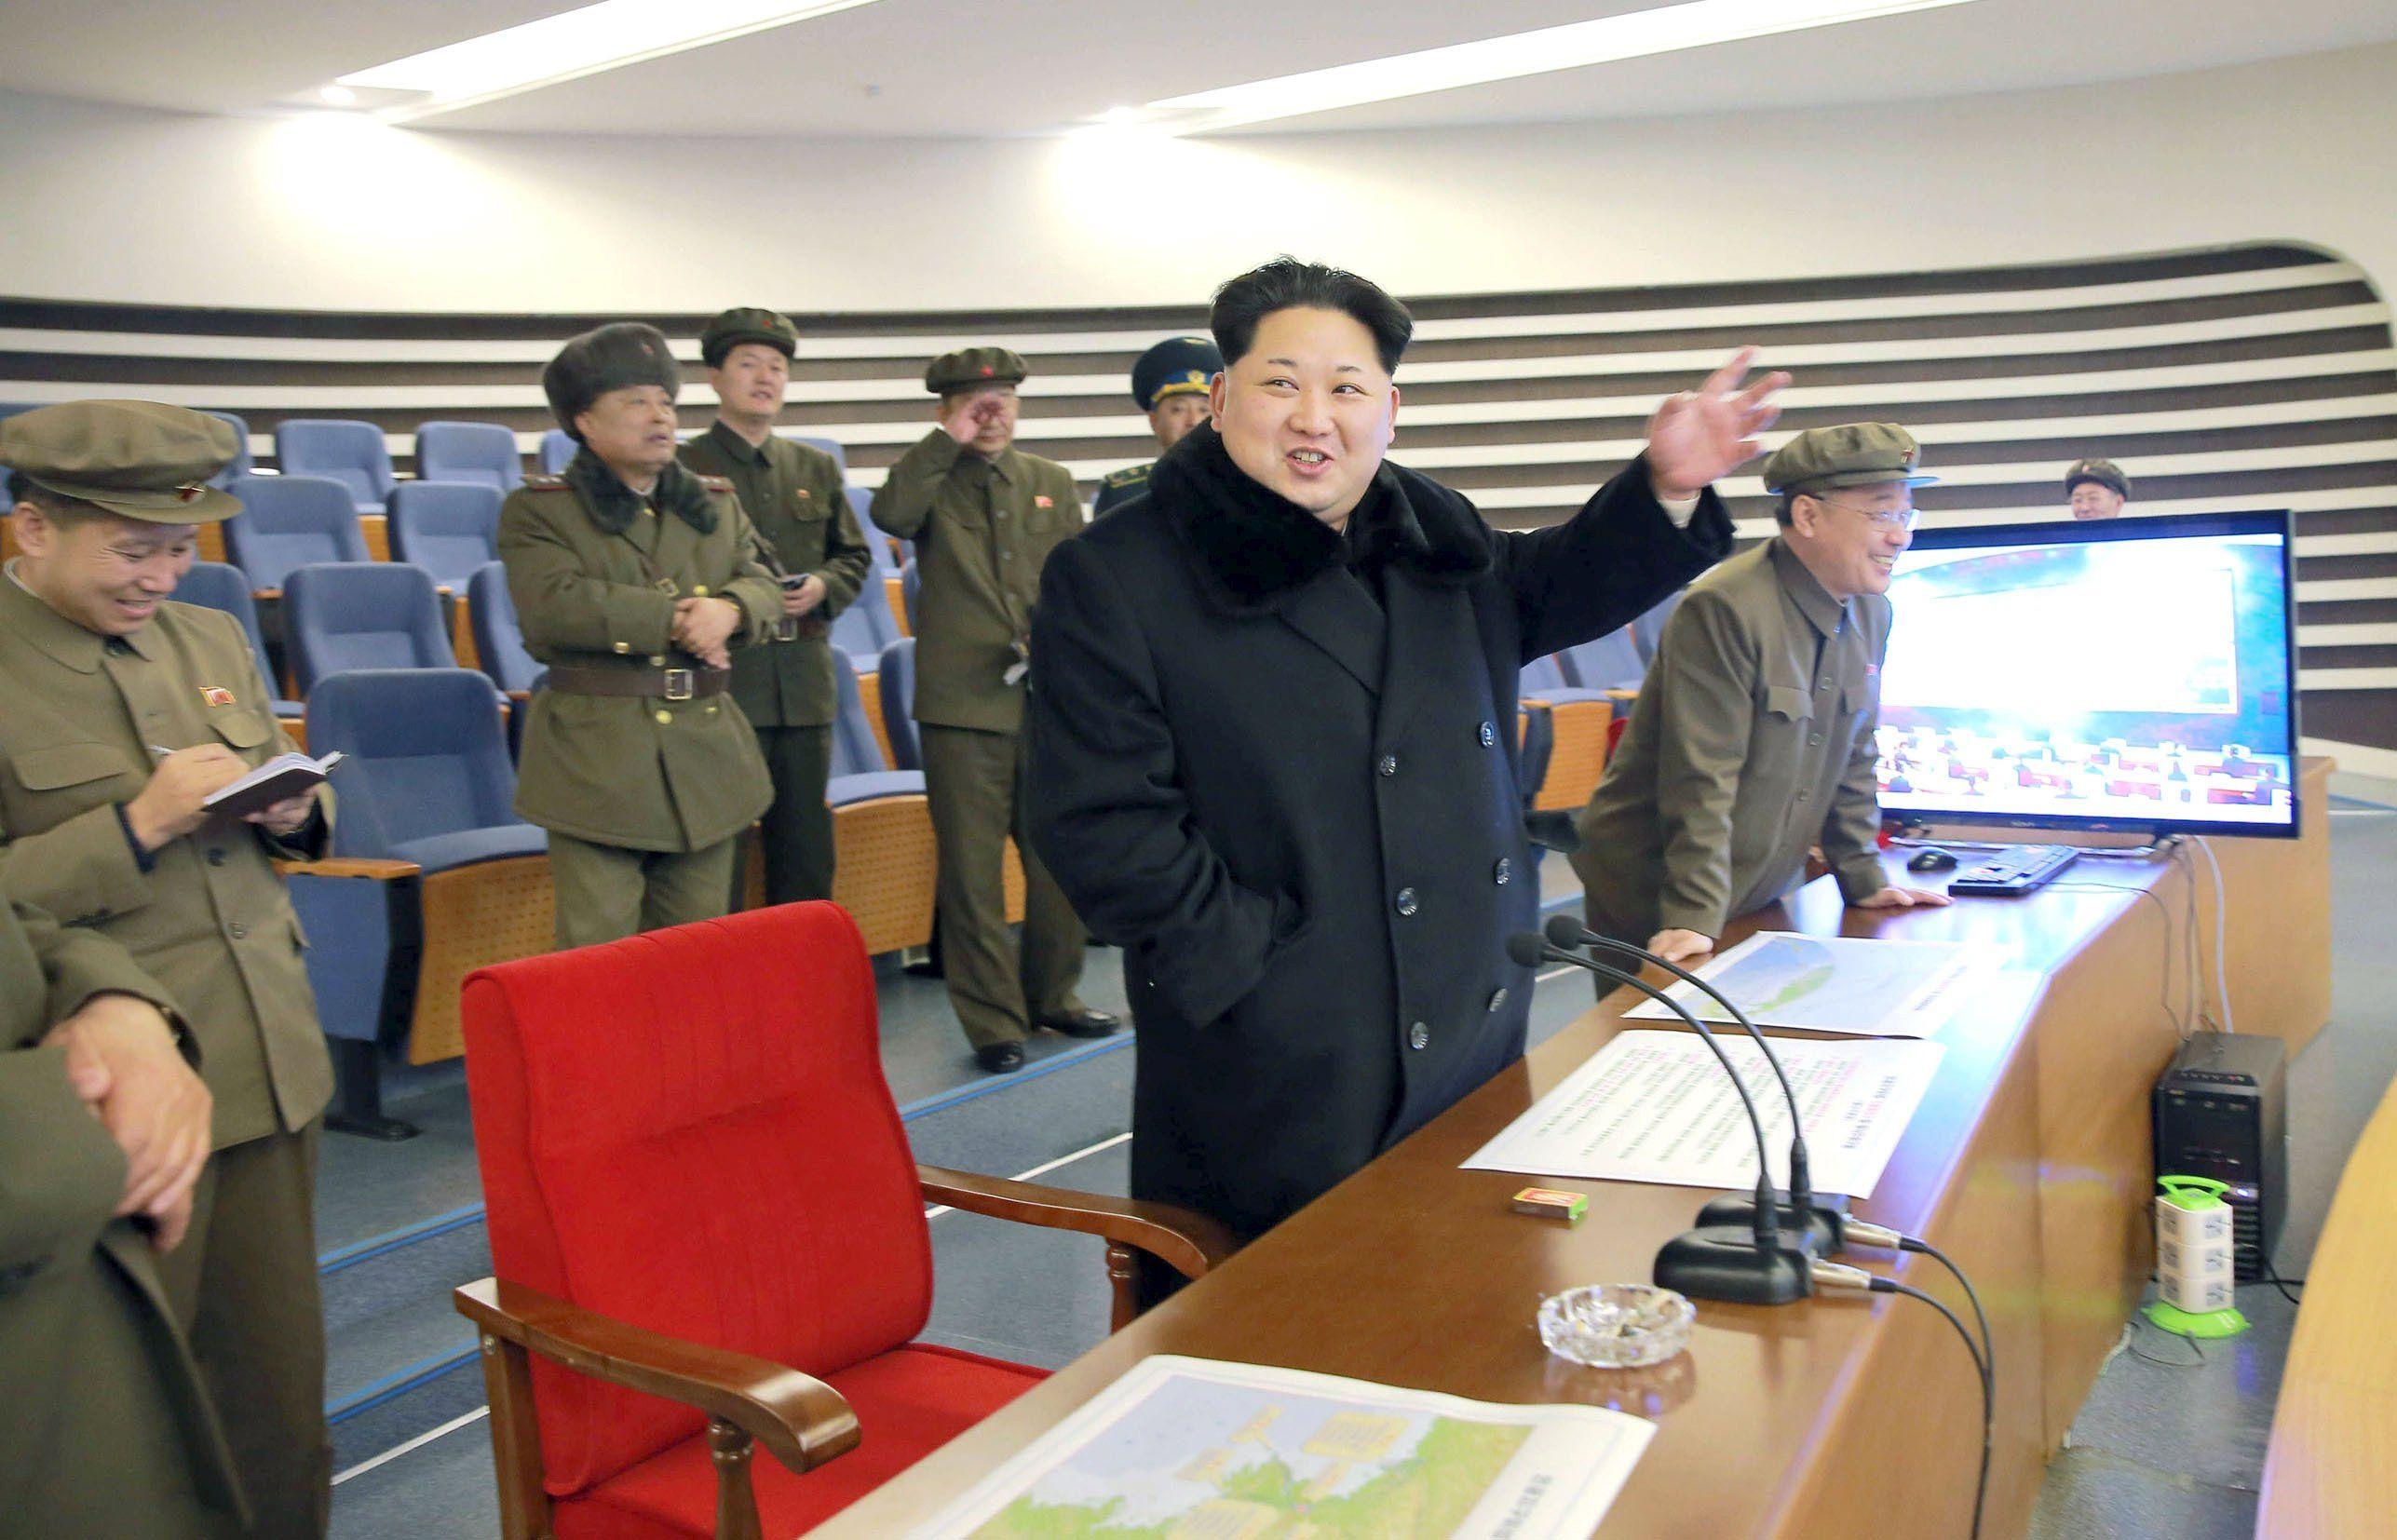 В качестве превентивных мер КНДР может нанести удары.